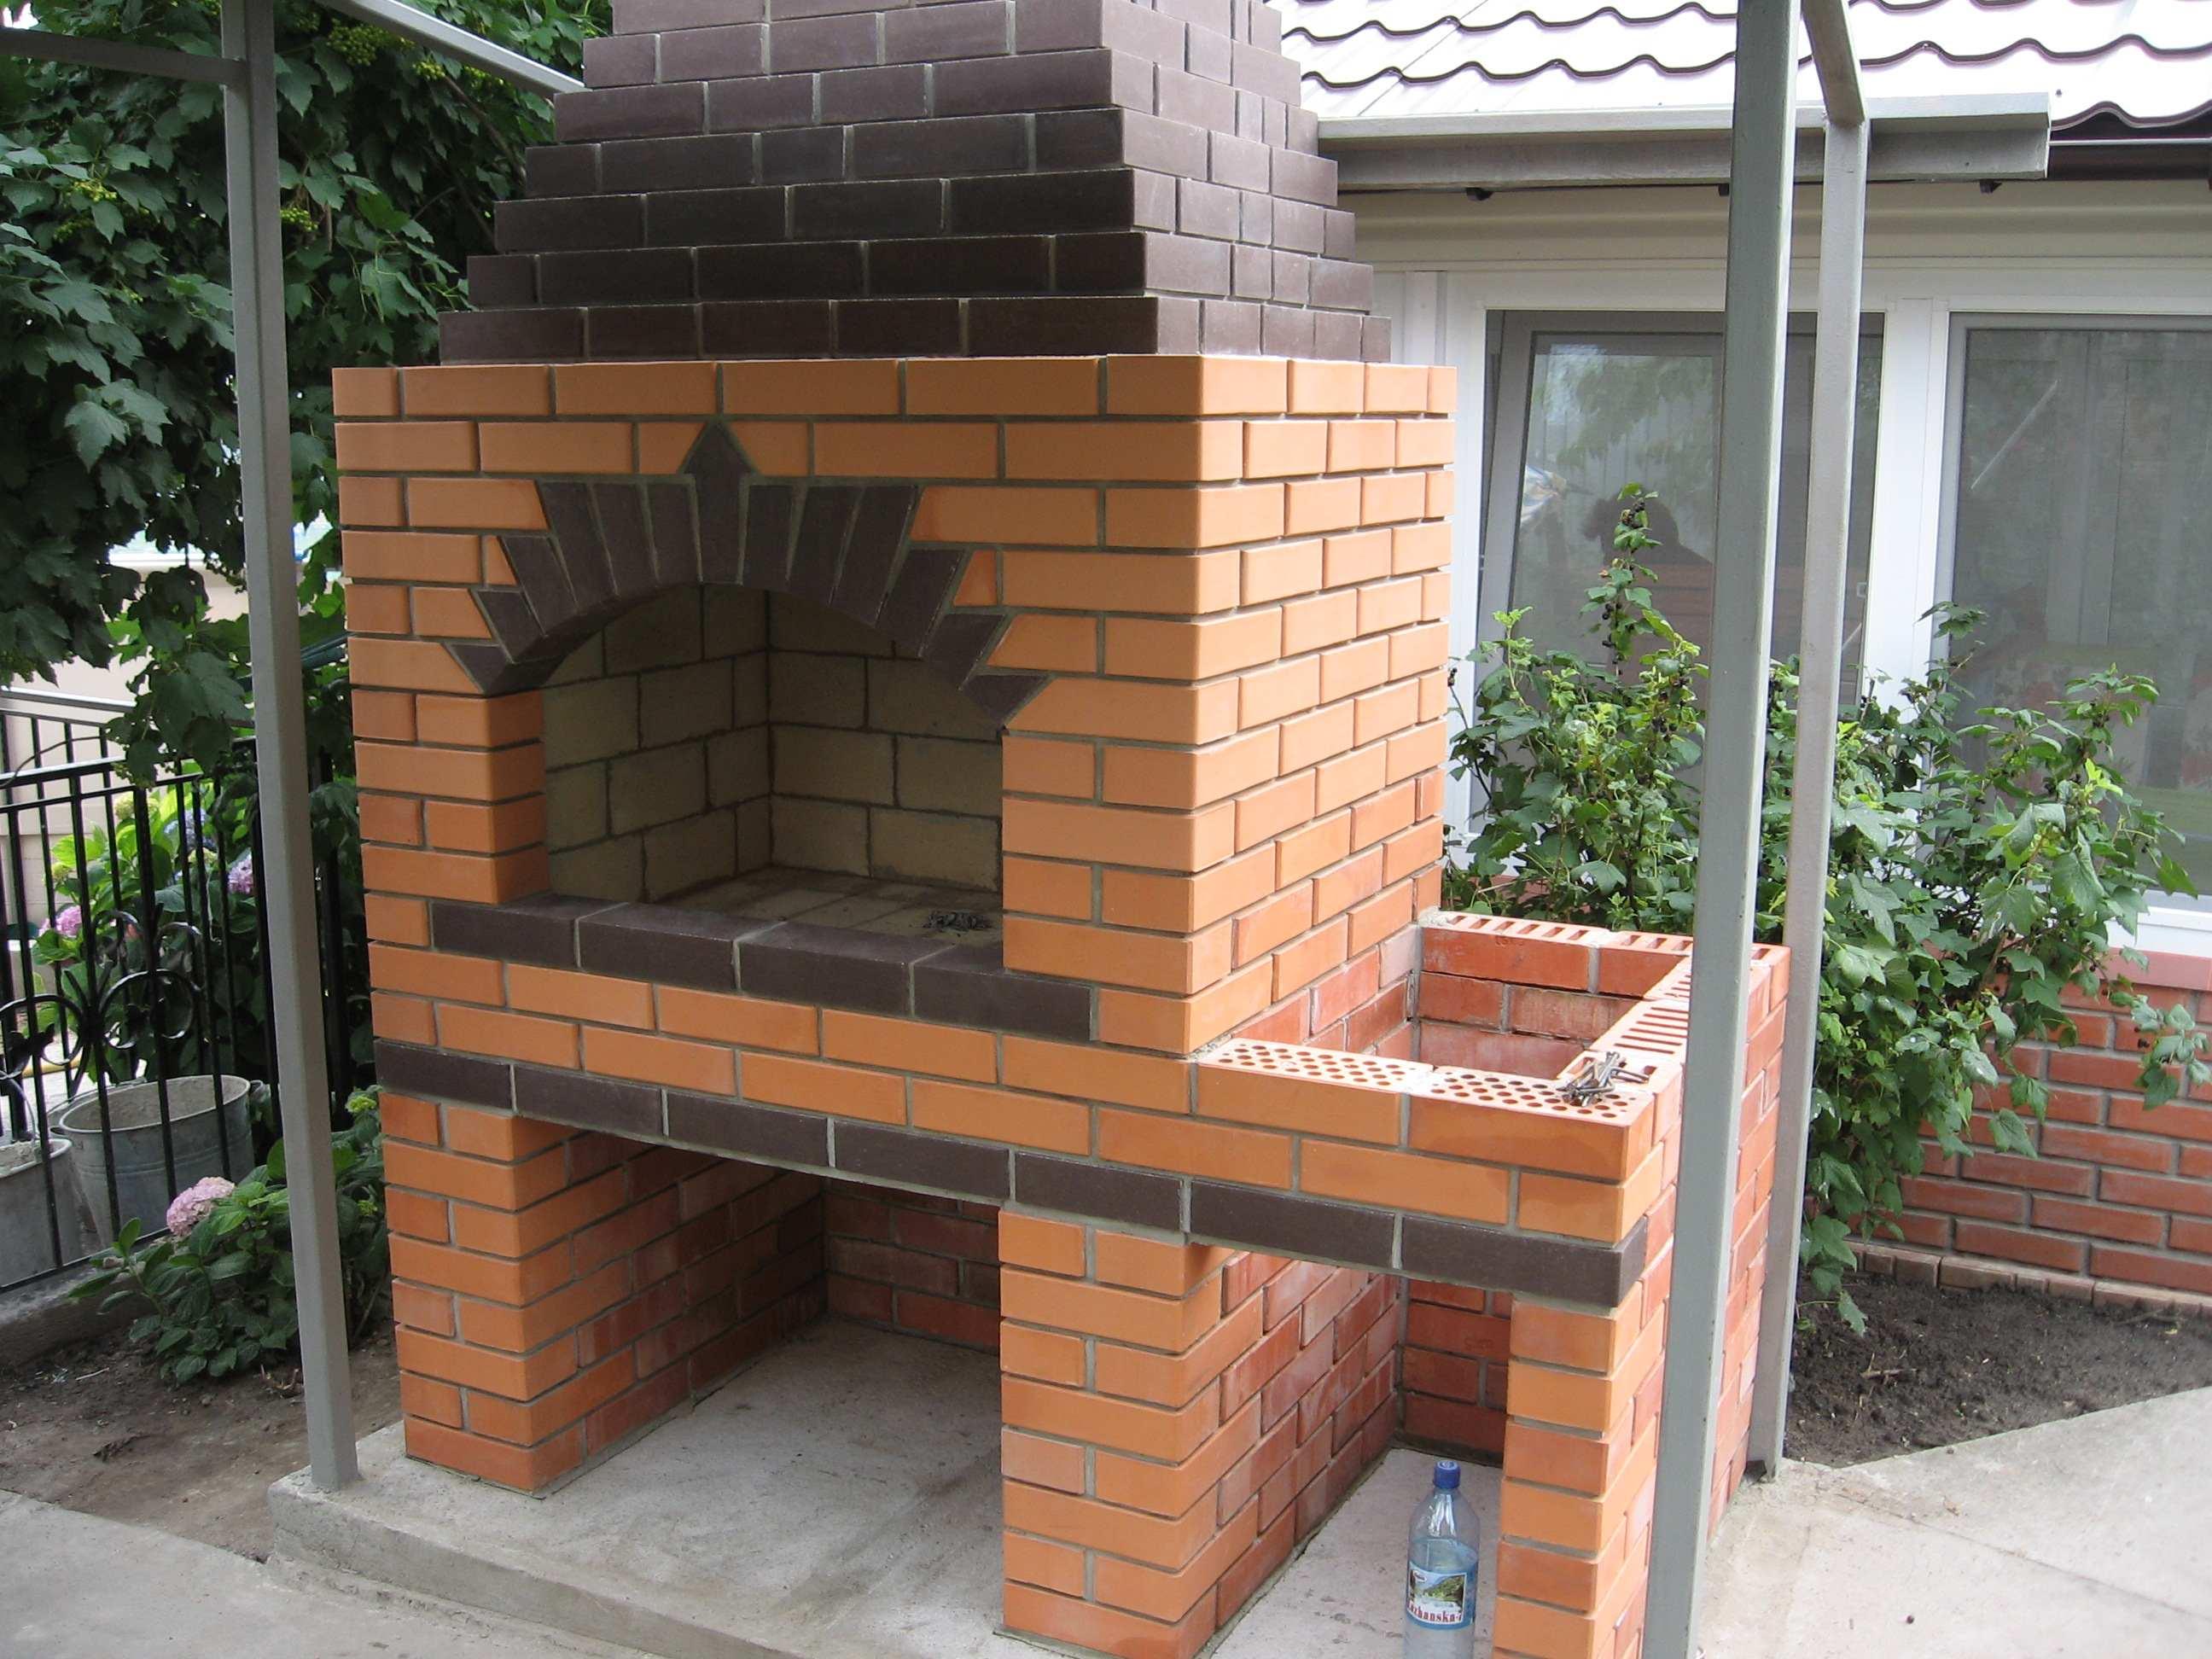 Уличная печь – идеальный вариант для организации зоны барбекю на открытом воздухе